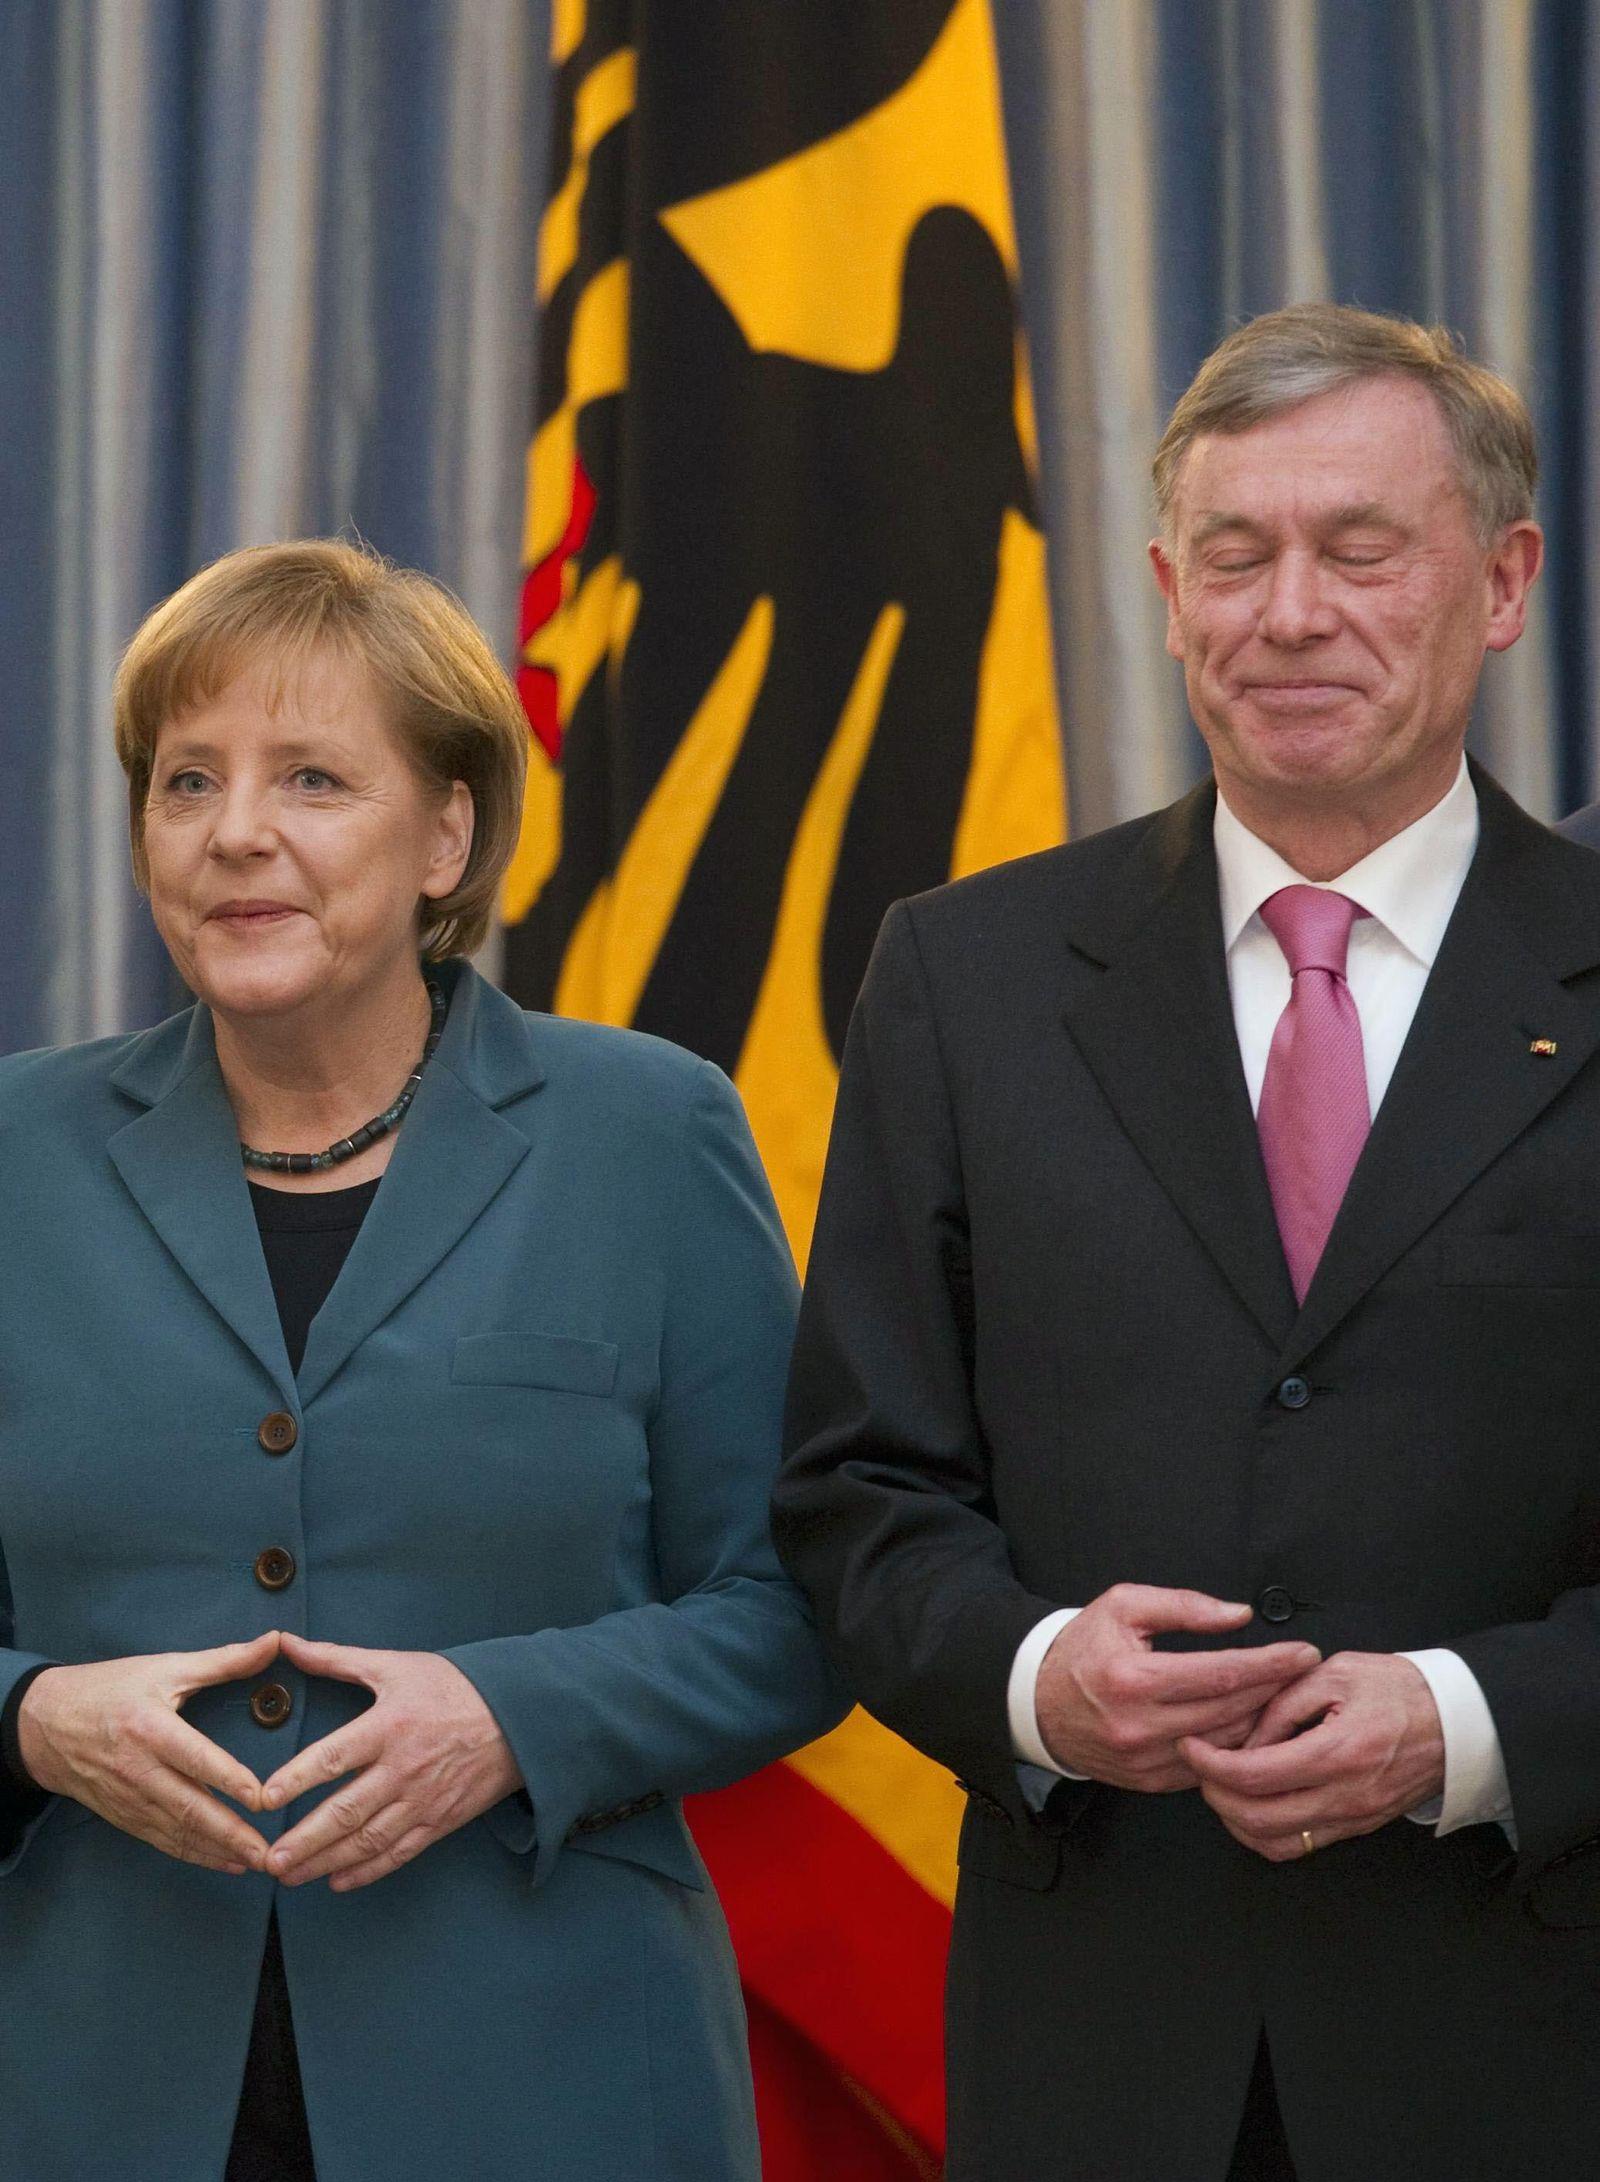 NICHT VERWENDEN Merkel, Koehler schmunzeln